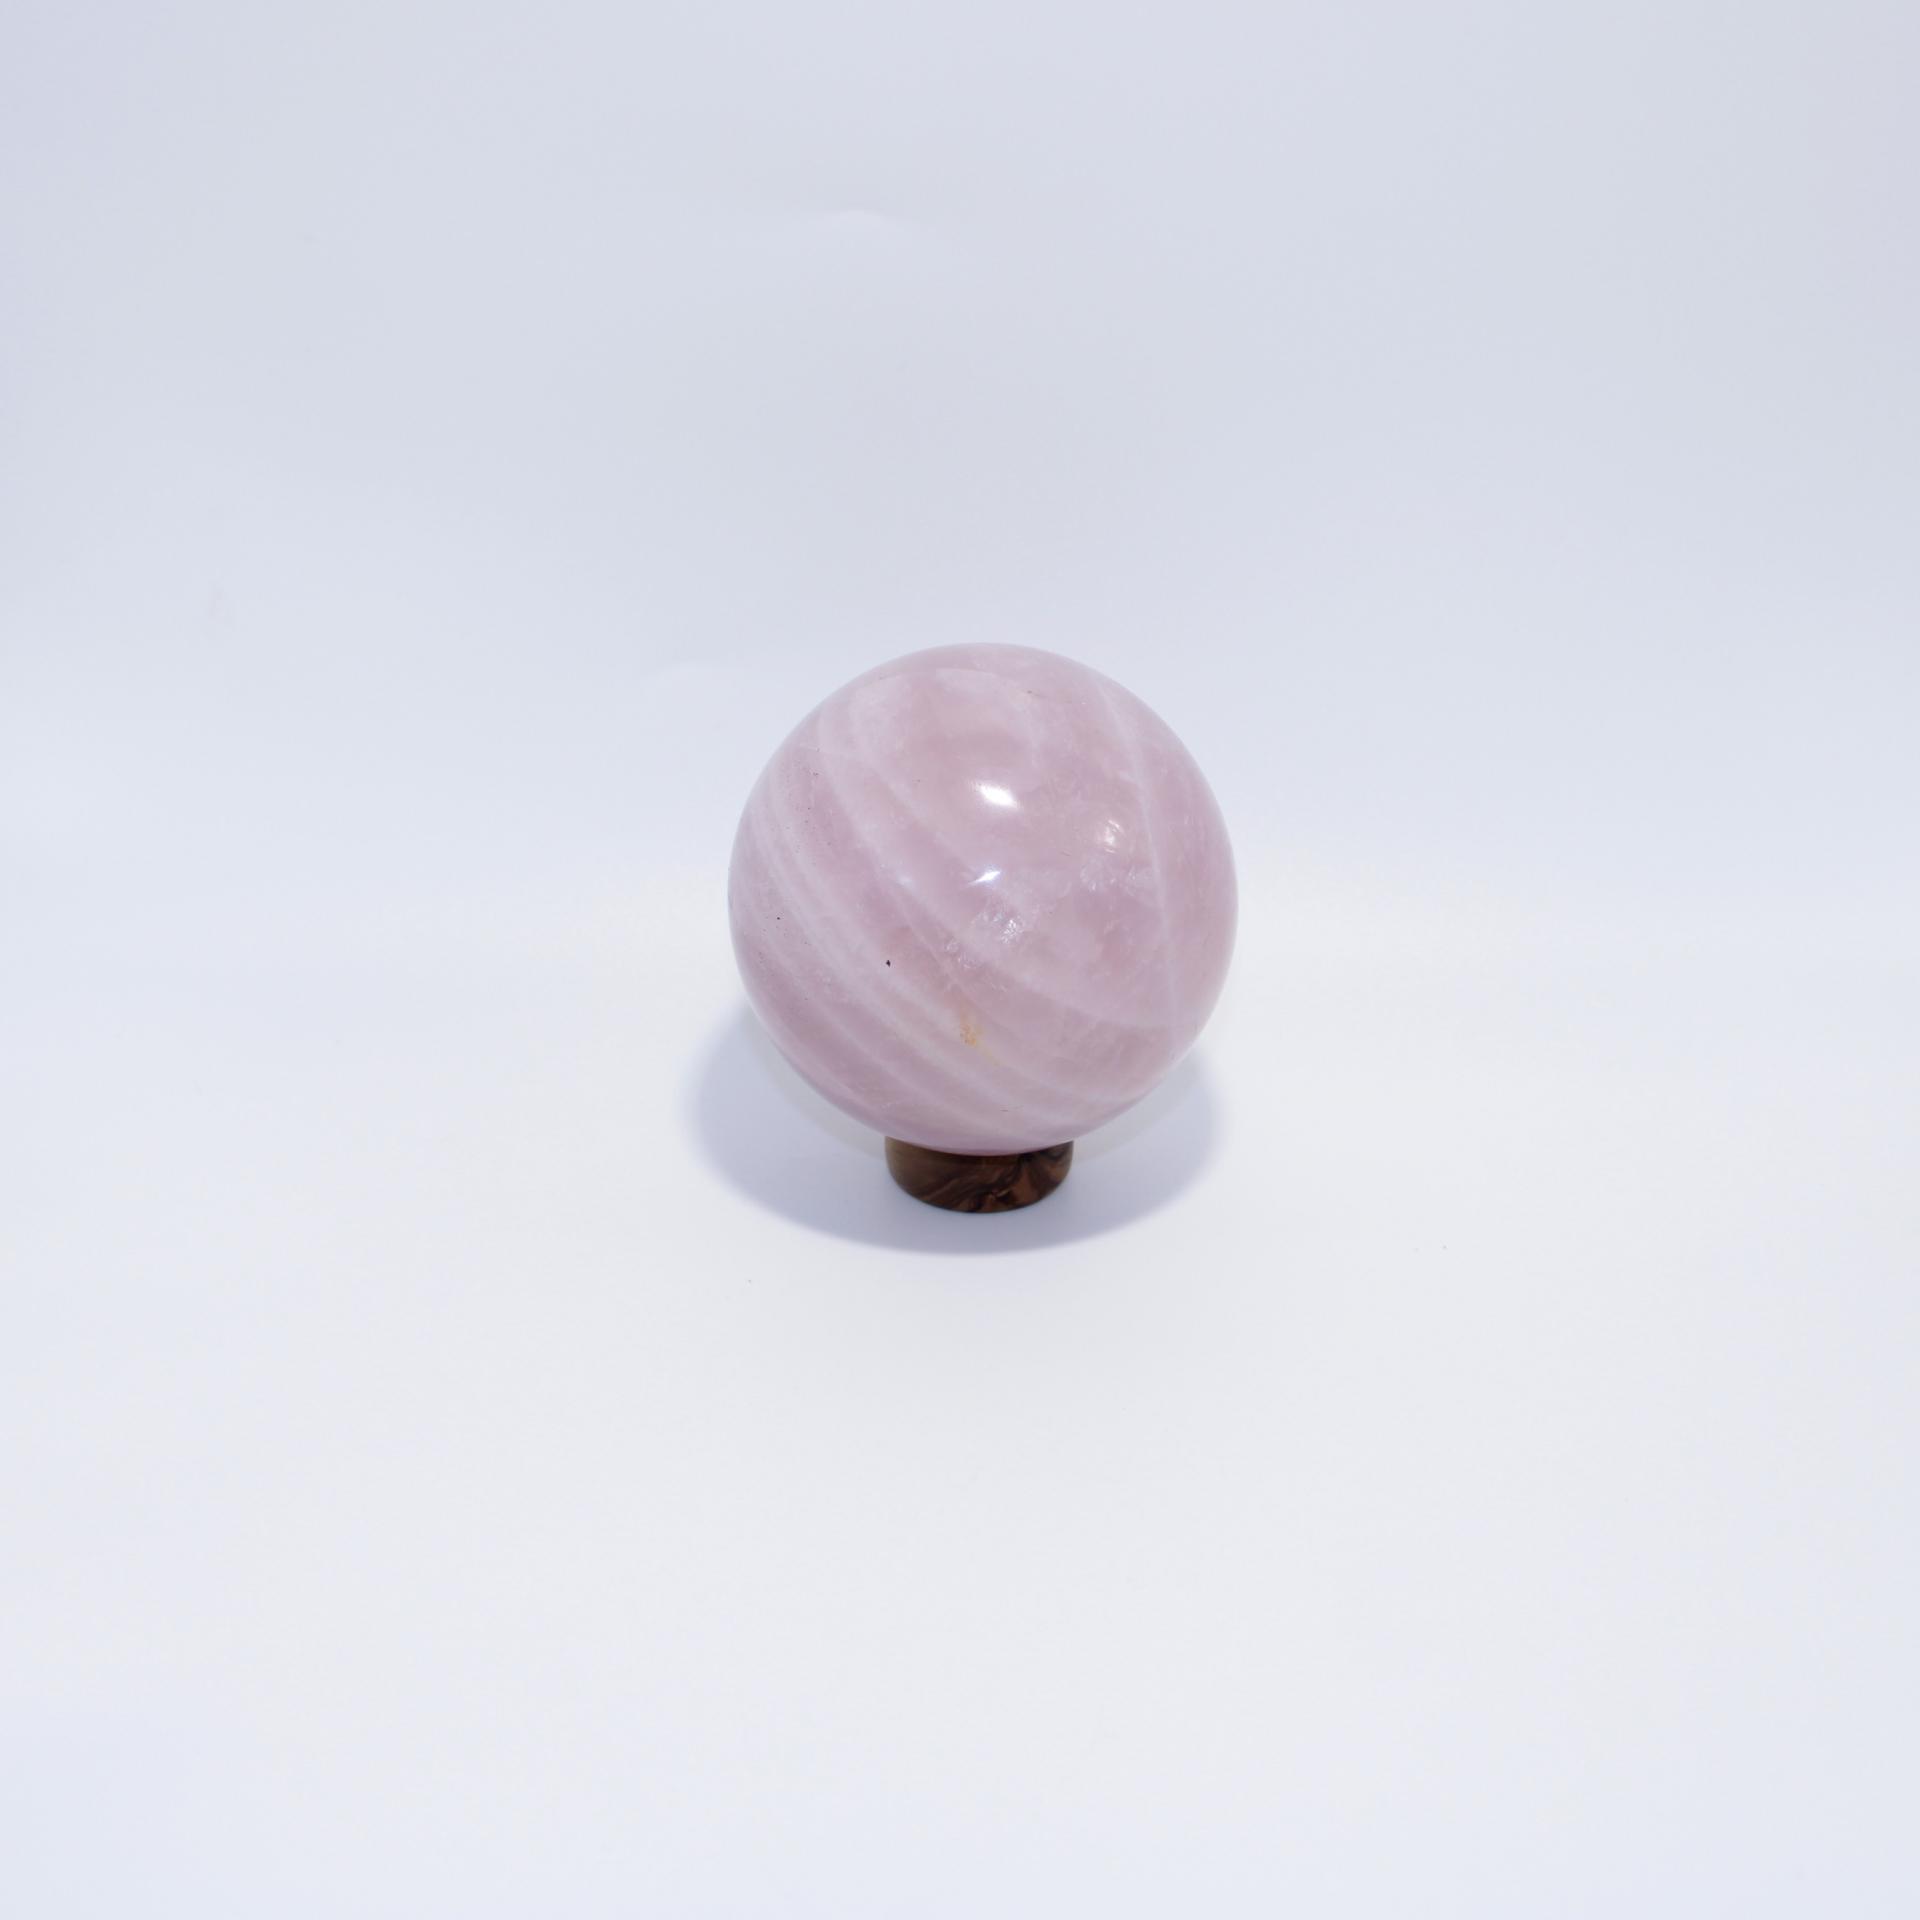 J13 sphere quartz rose 4